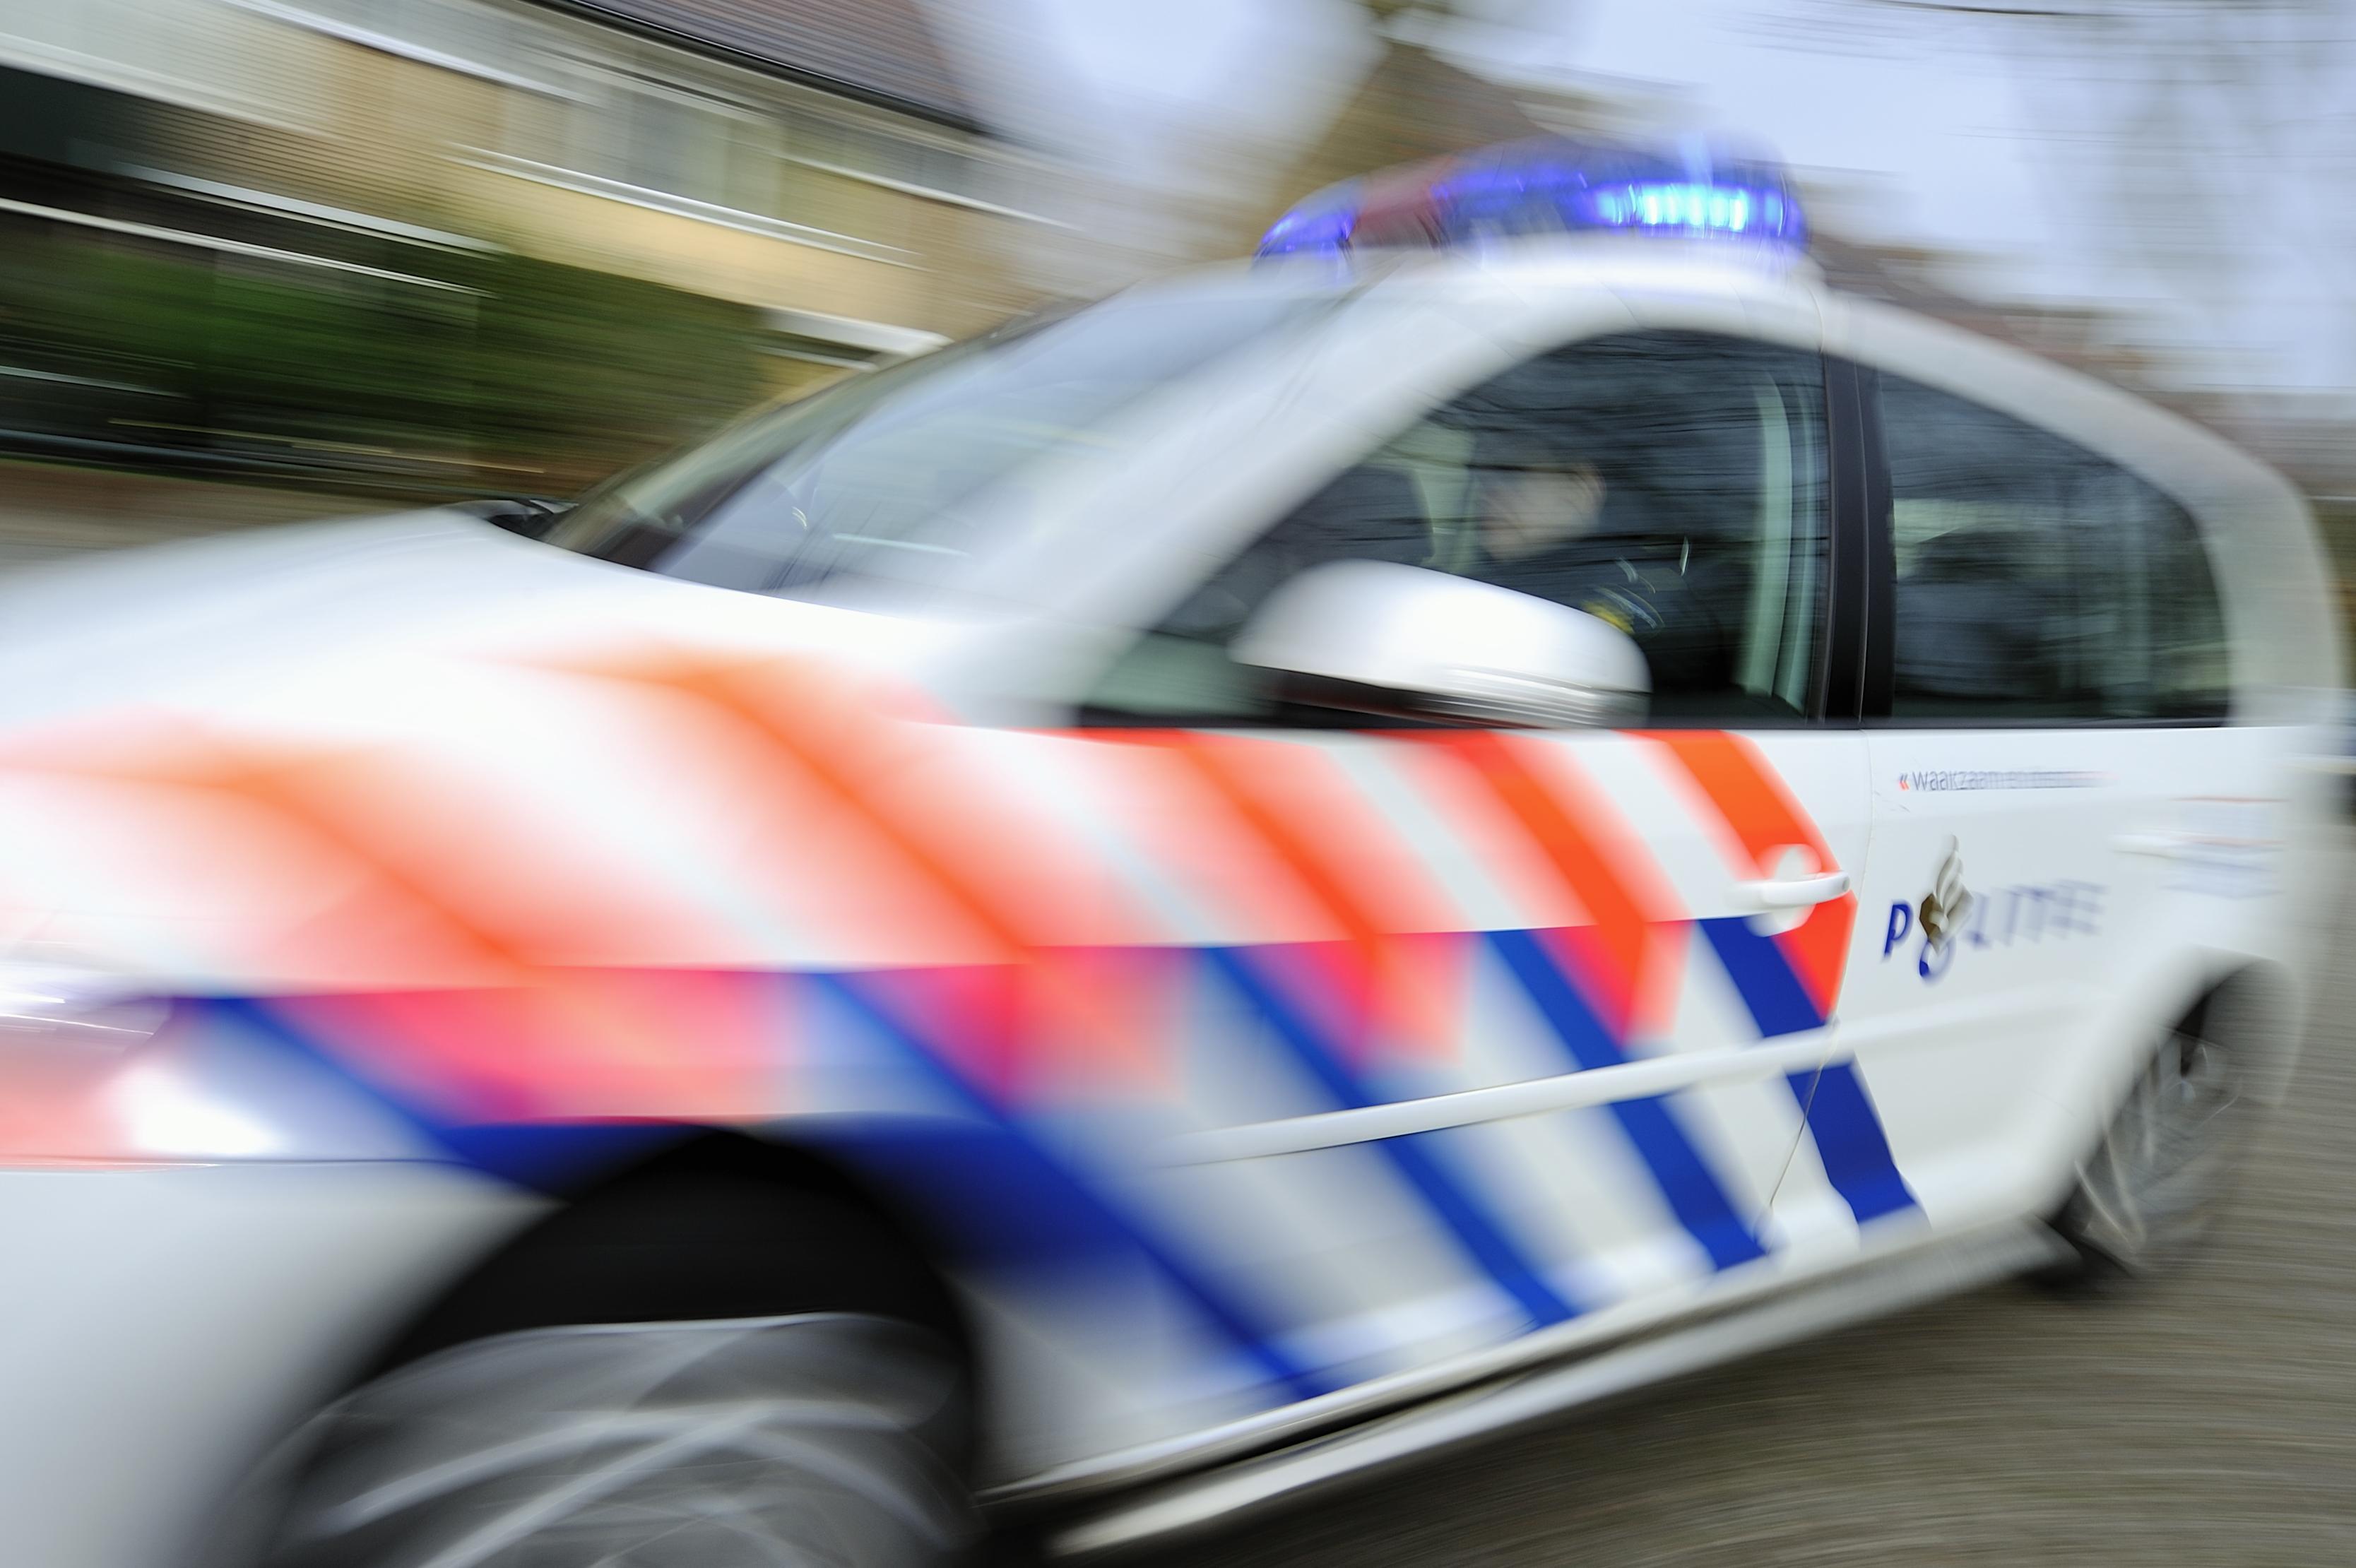 17-jarige scooterrijder onder invloed van drugs aangehouden na achtervolging in Den Helder; passagier aangehouden voor het beledigen en bedreigen van agenten